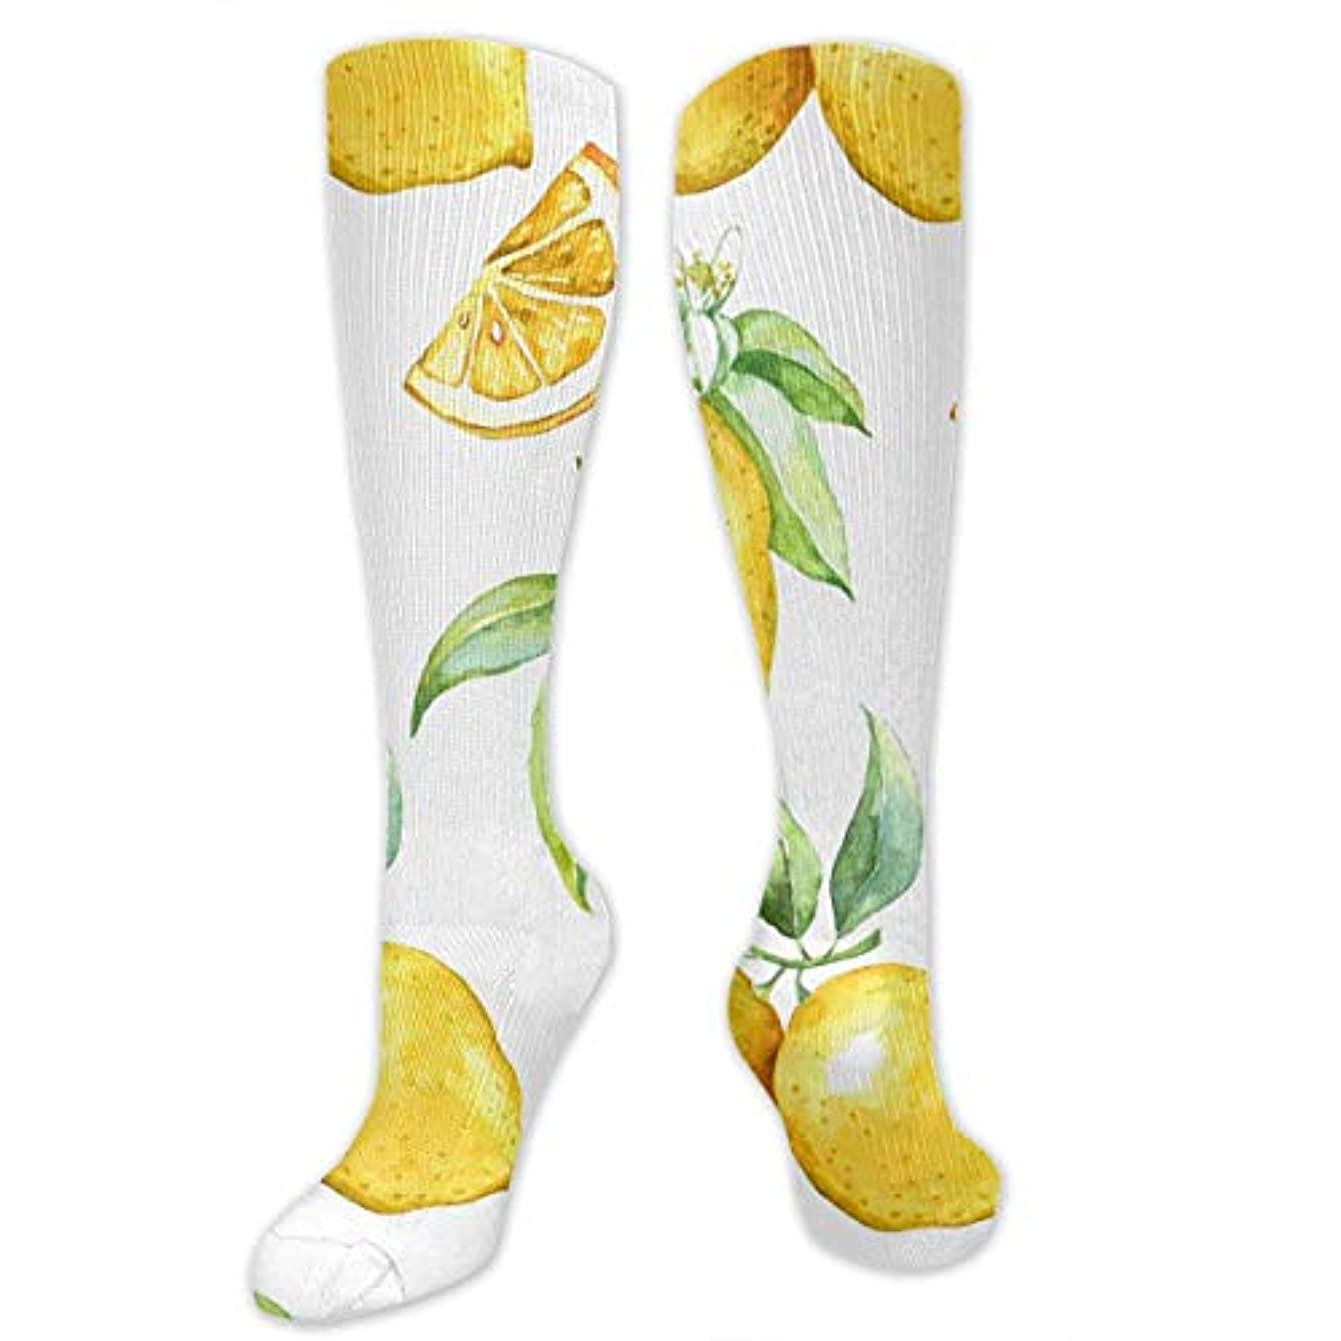 ホステス騒乱コスチューム女性の男性のためのQrriy 3 Dレモン圧縮靴下-スポーツスポーツクロスフィットフライト旅行妊娠看護師(20-30 mmhg)を実行するためのフィット